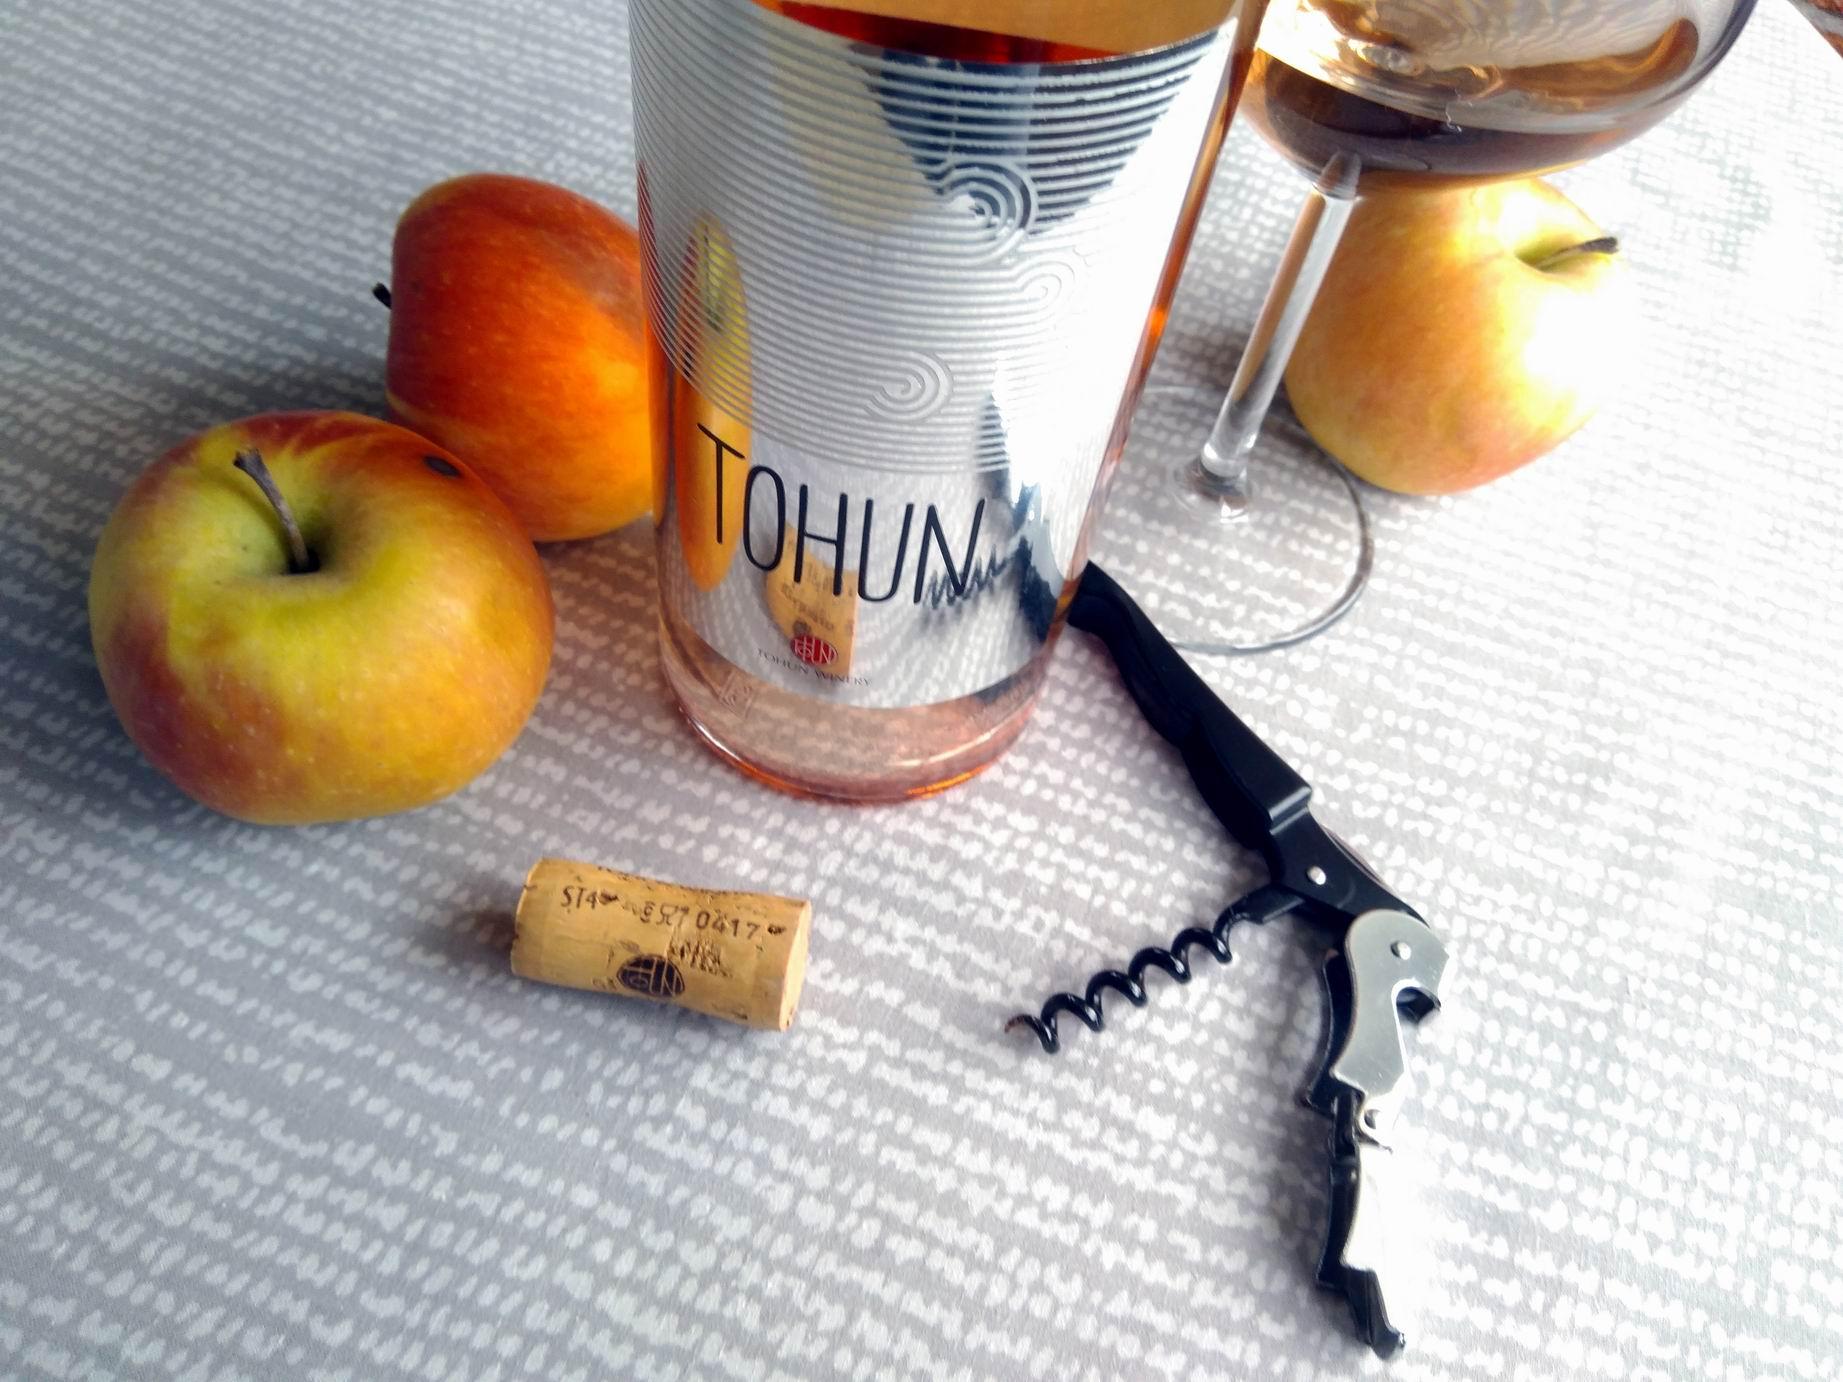 Tohun Rose 2017 – Tohun Winery